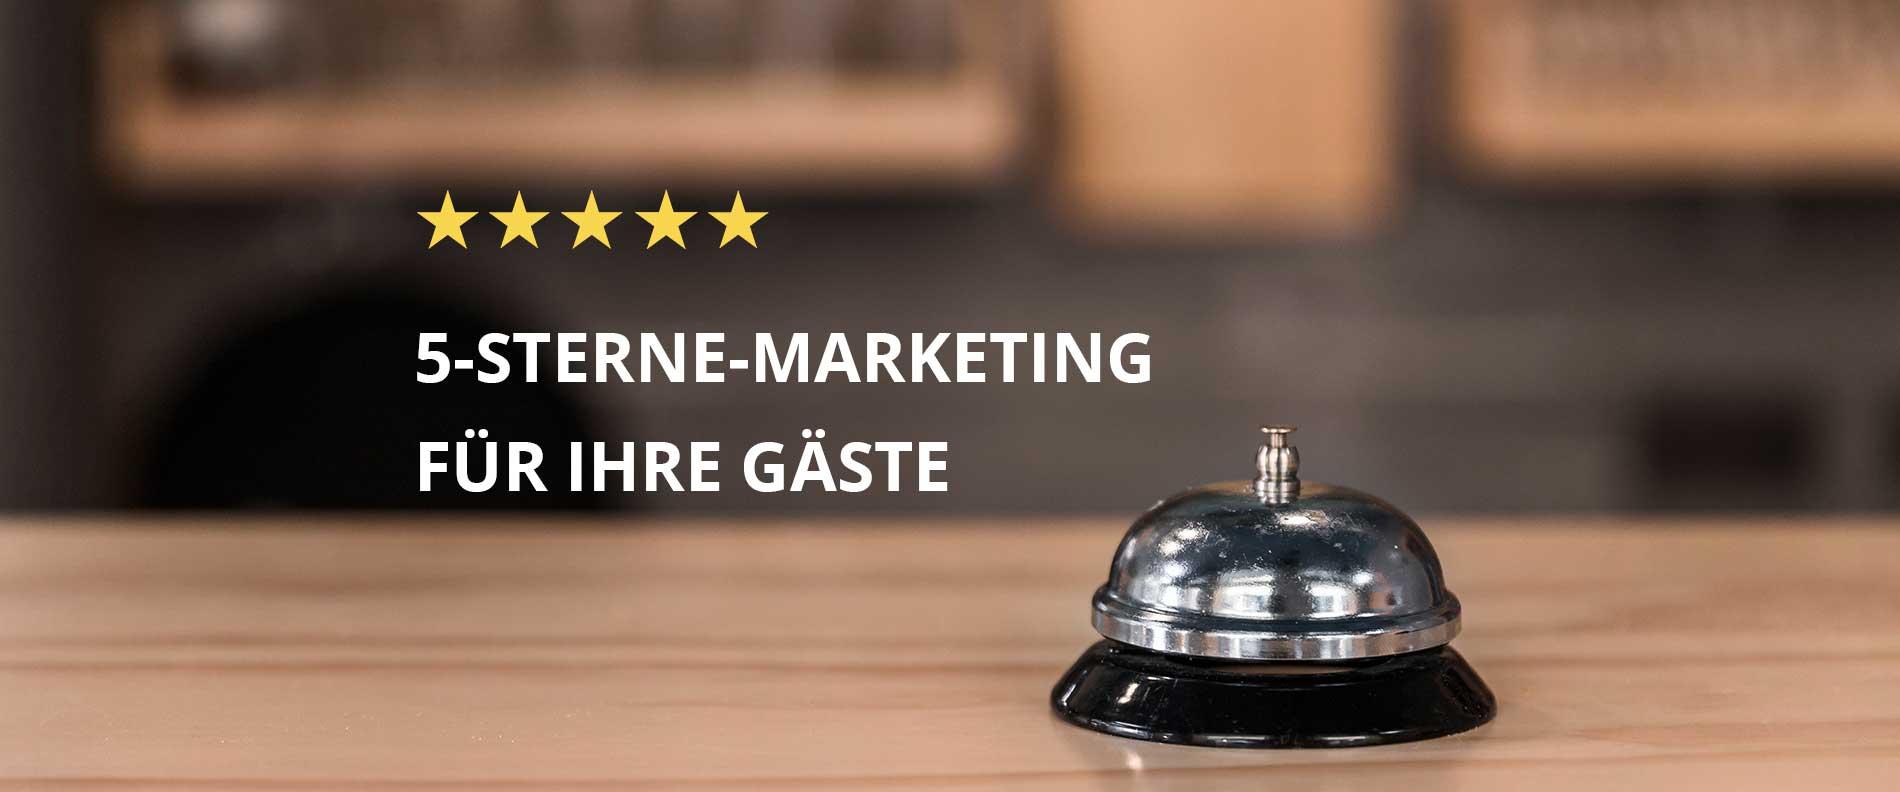 header-hotelmarketing3